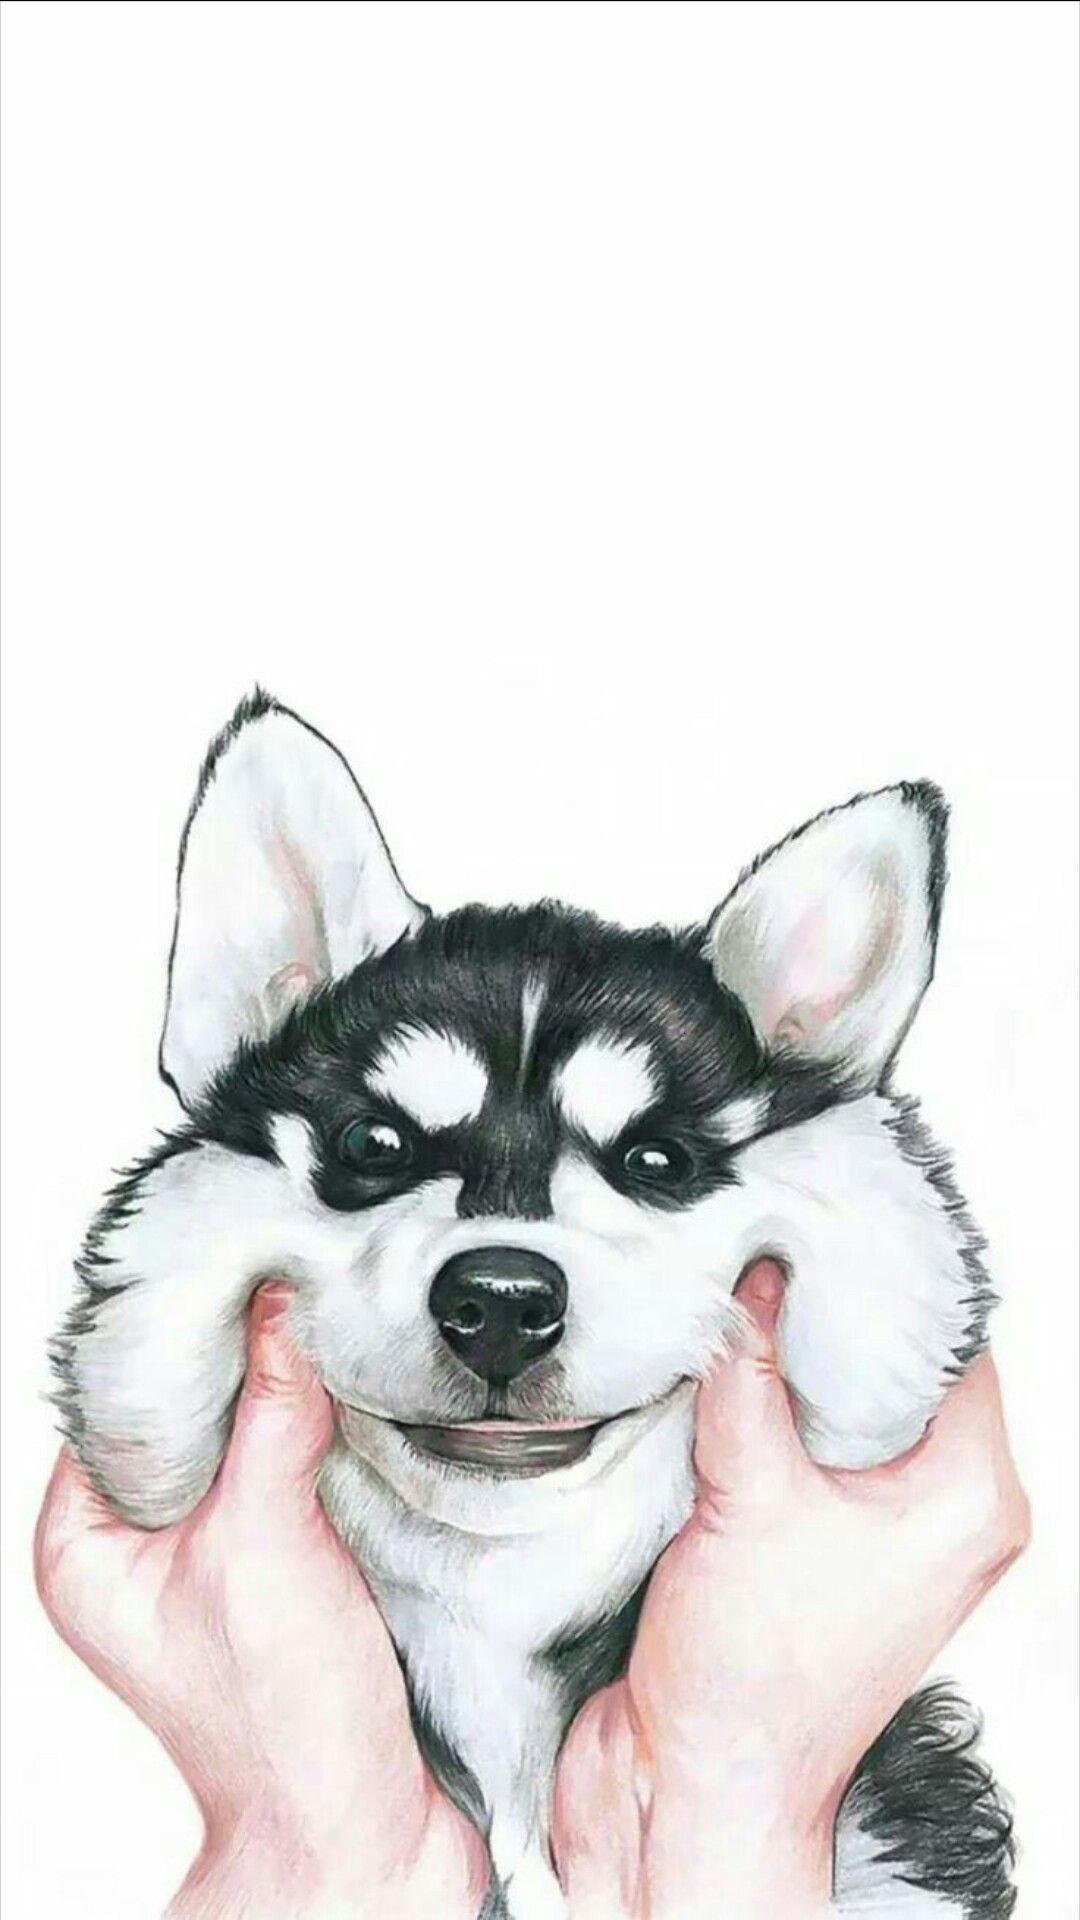 Good Pinterest Chubby Adorable Dog - be544254d19744be2d1c3d7b147e8a68  Snapshot_812997  .jpg